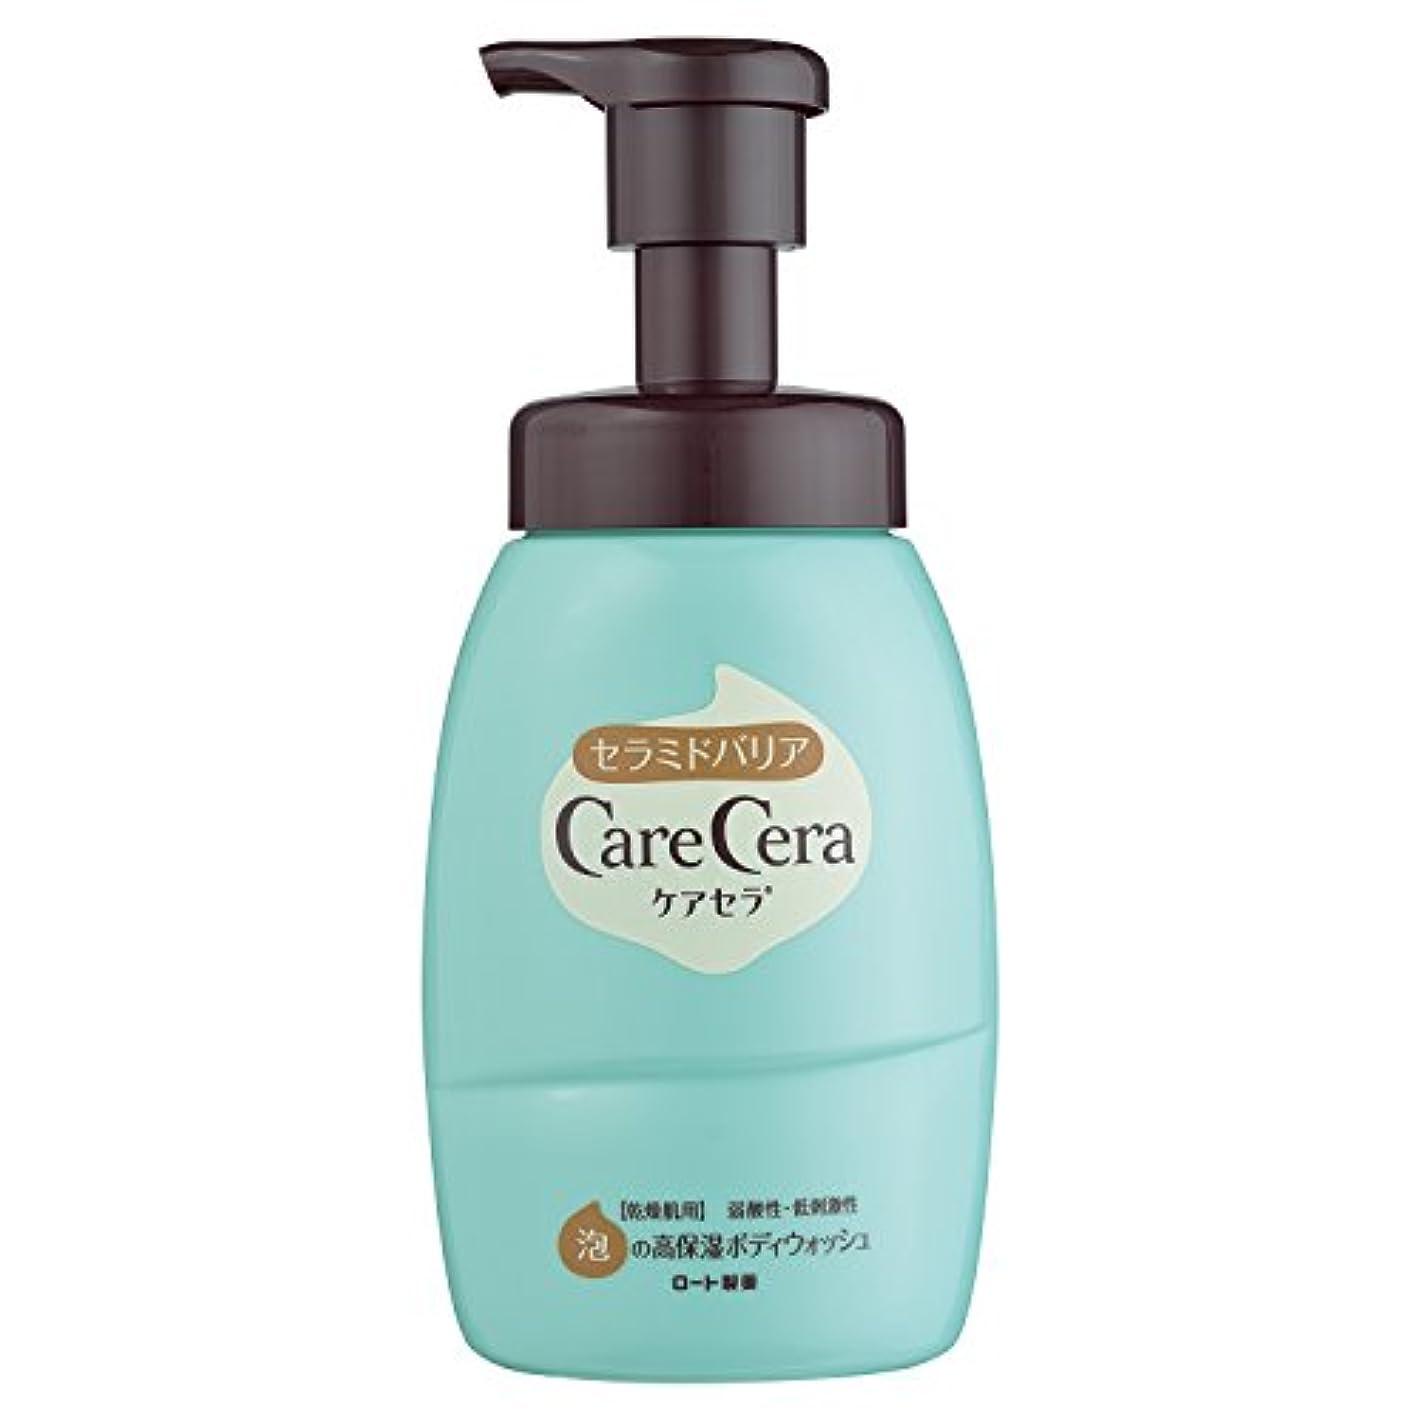 ロート製薬 ケアセラ 天然型セラミド7種配合 セラミド濃度10倍泡の高保湿 全身ボディウォッシュ ピュアフローラルの香り 450mL